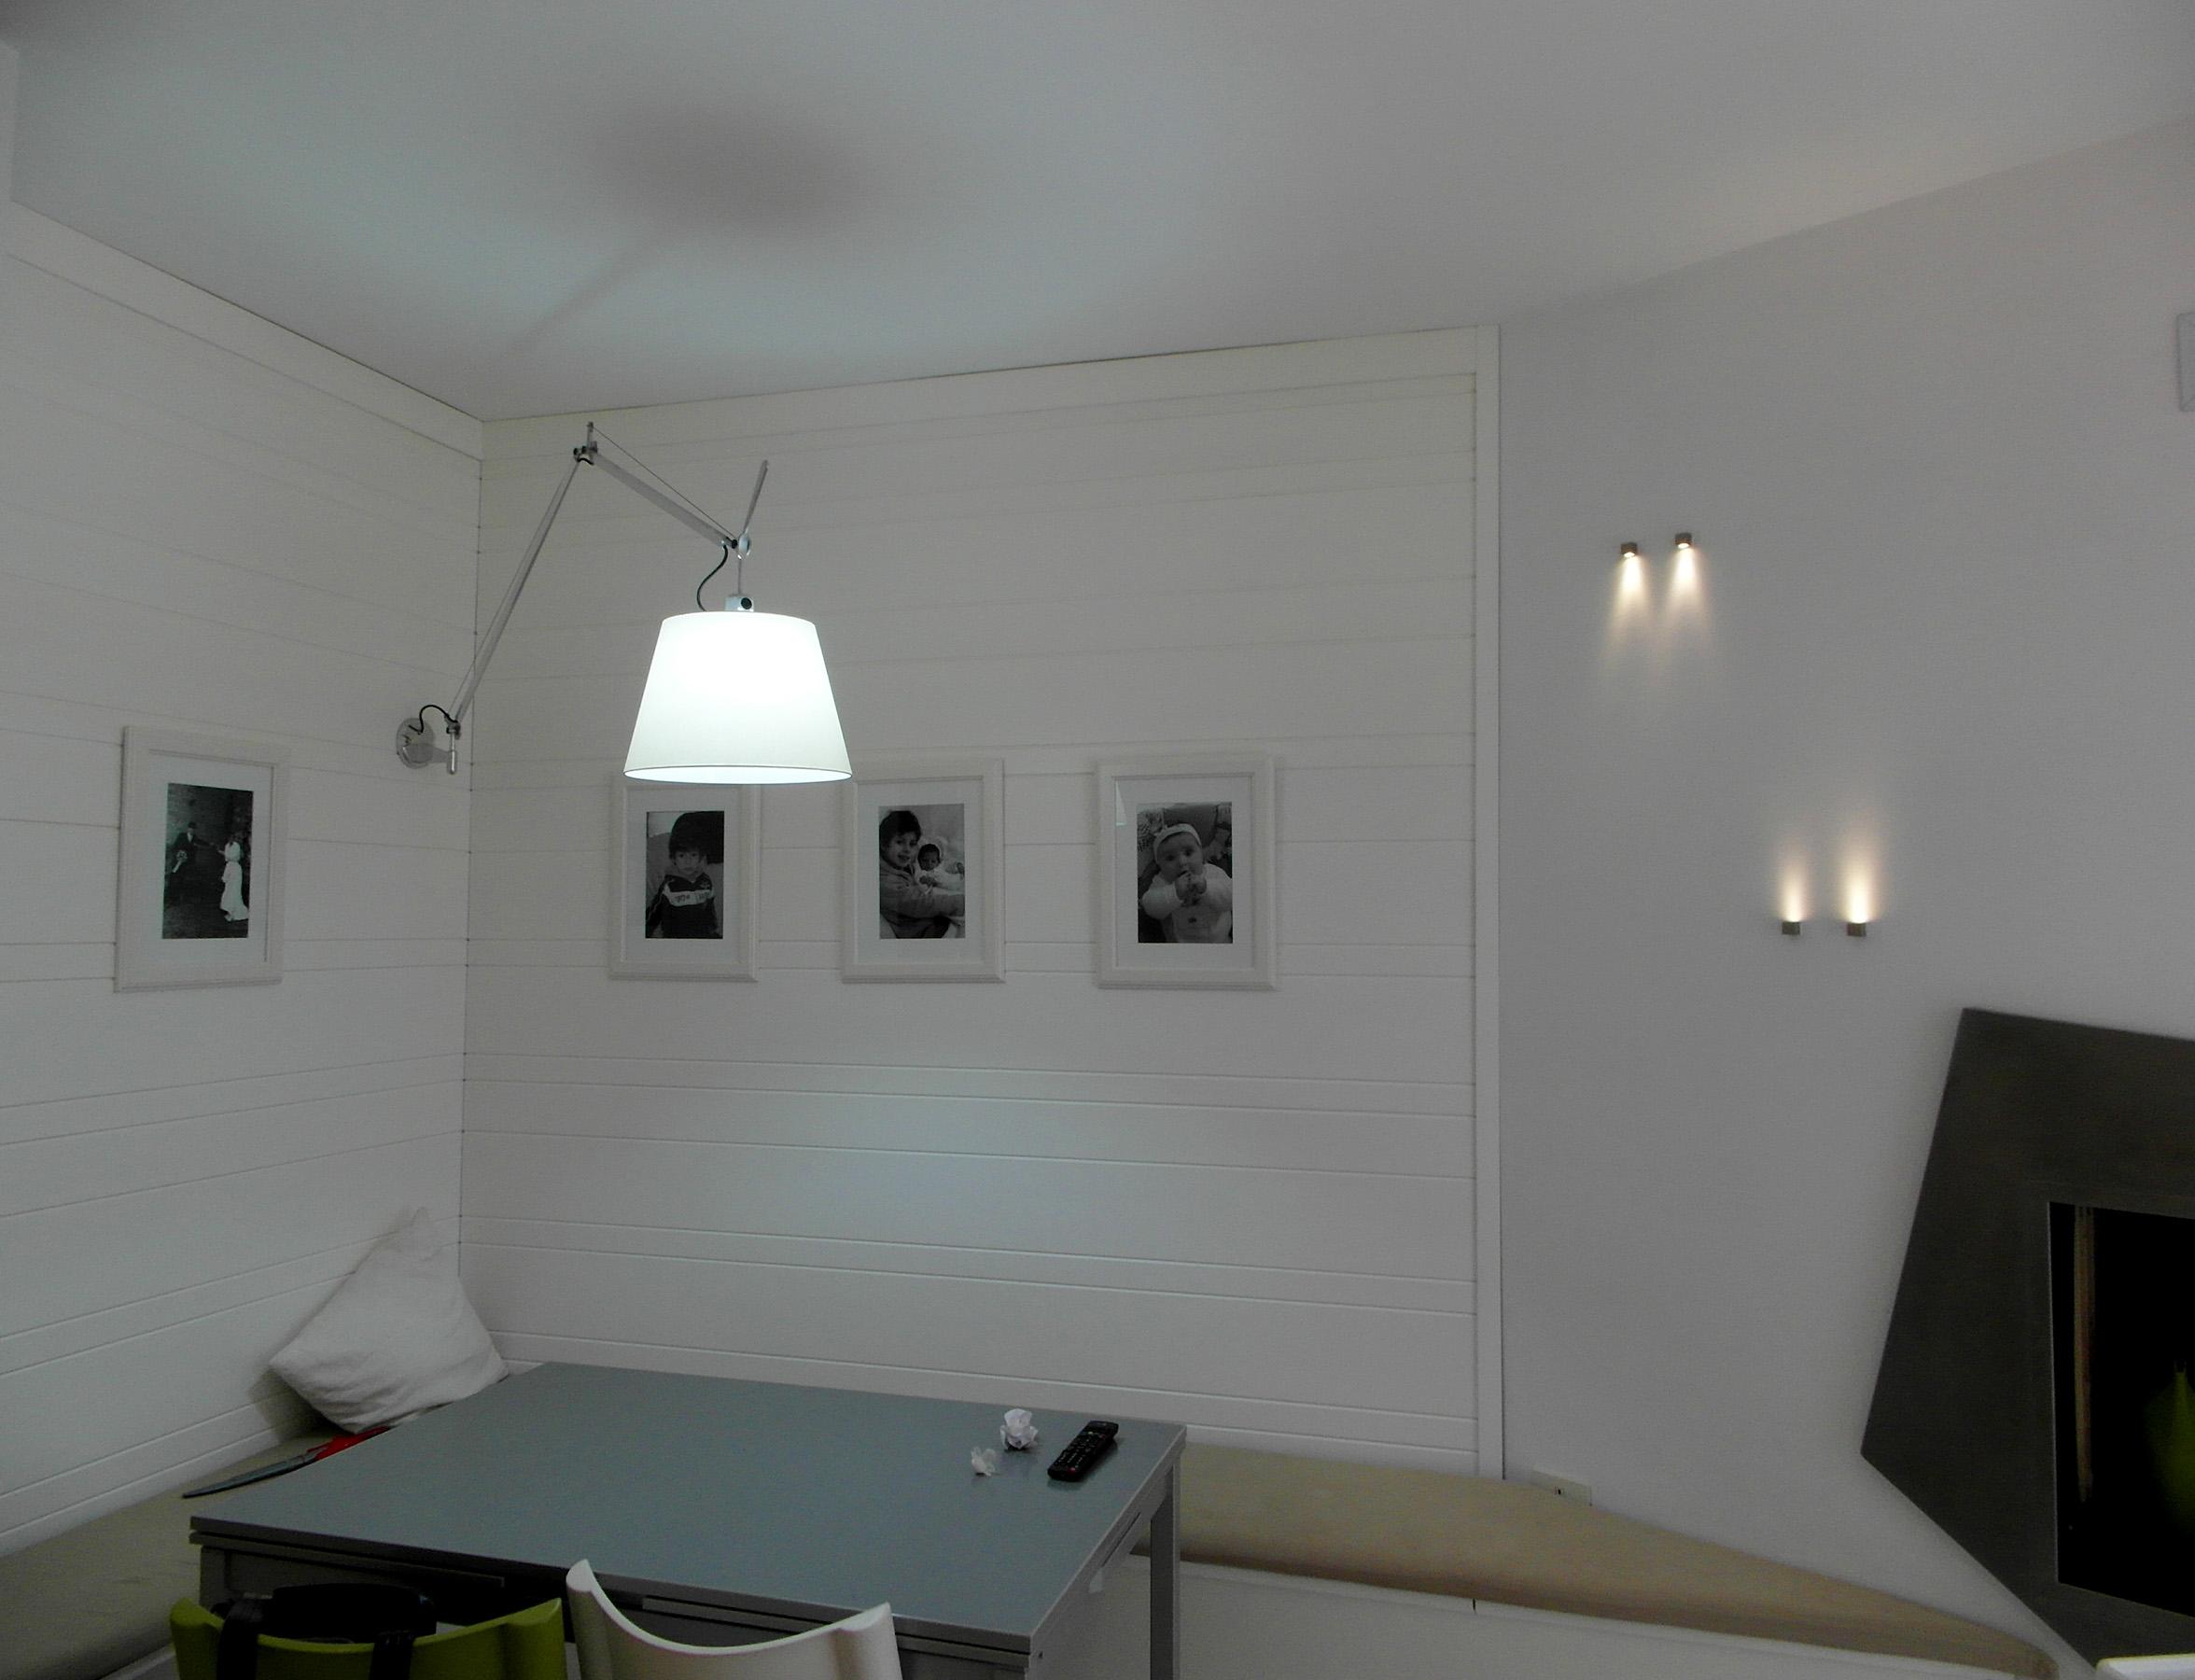 Vendita di lampade d arredo e tecniche ricci illuminotecnica